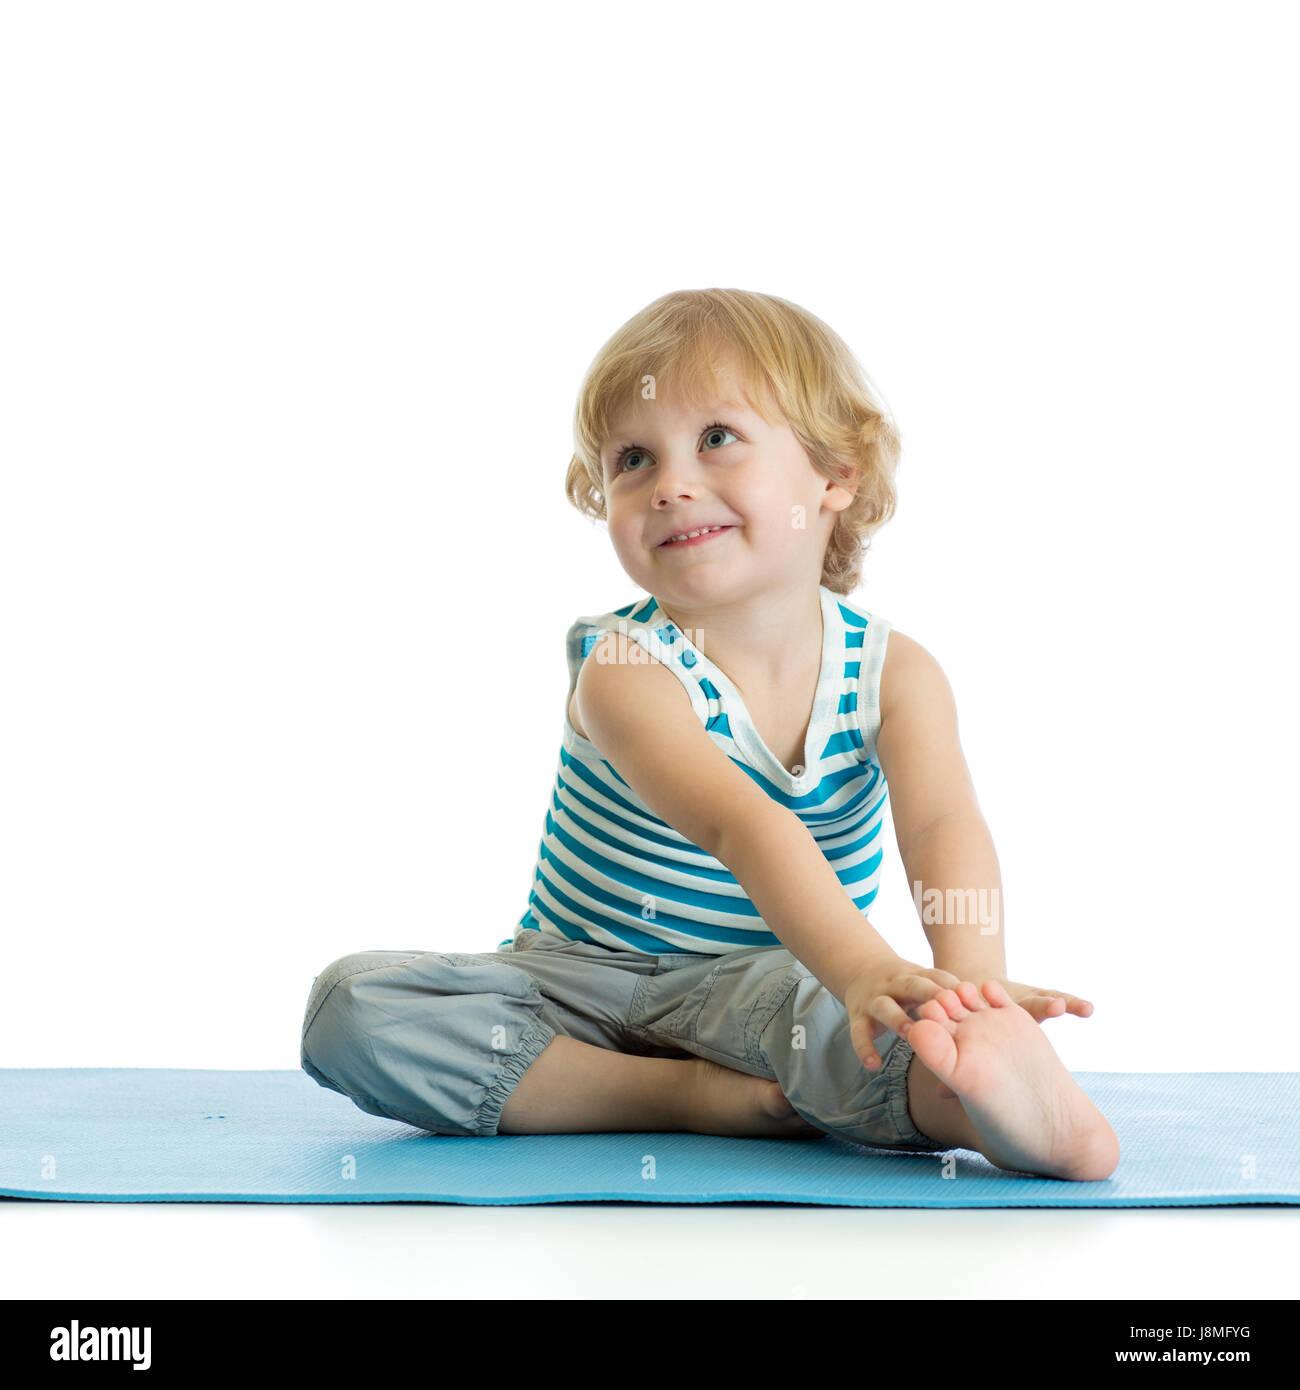 Garçon enfant pratiquant le yoga, stretching en exercice. Isolé sur fond blanc pour enfants Photo Stock